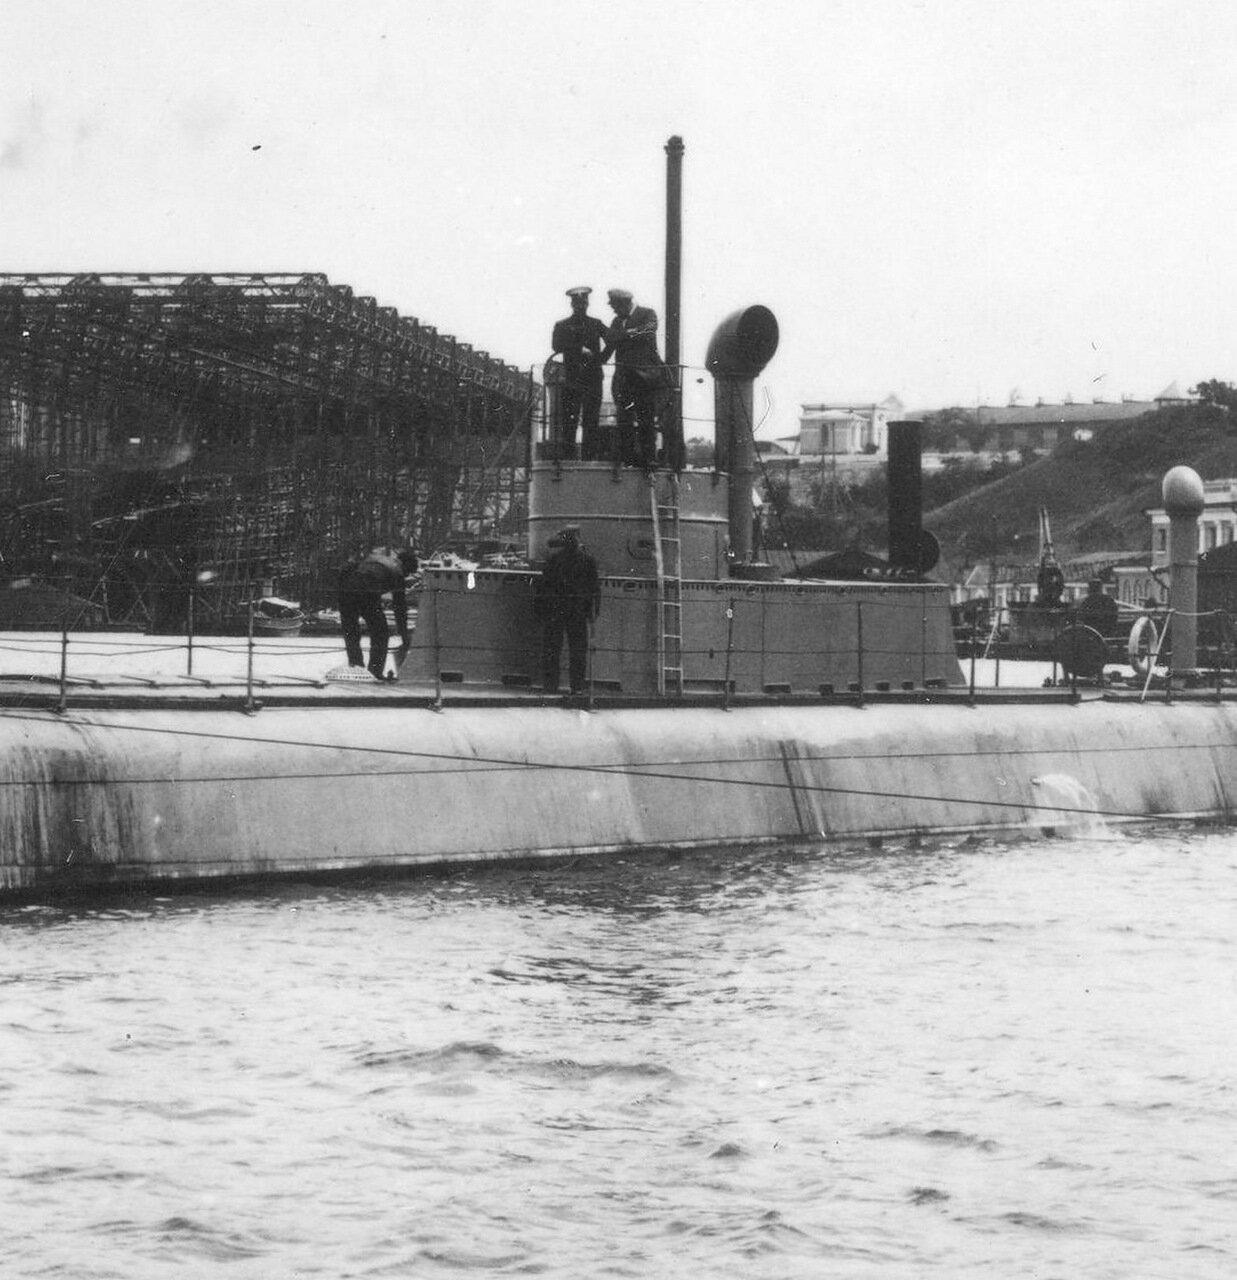 08. Подводная лодка Краб в акватории завода Руссуд 1 мая 1913